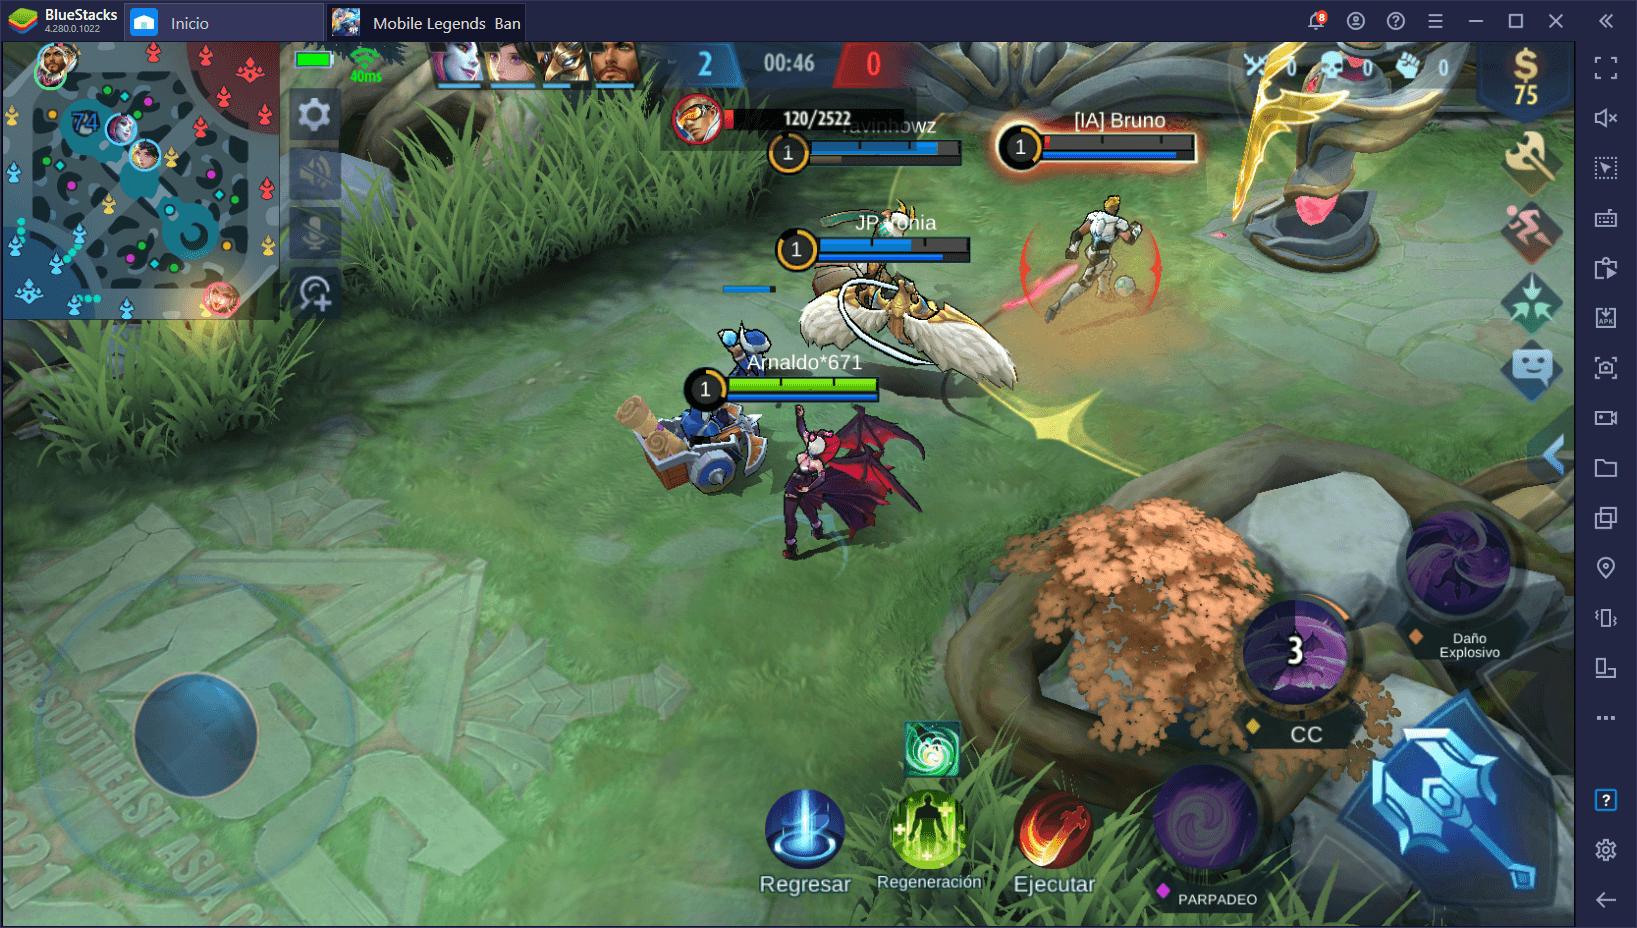 Cómo Dominar en Top en Mobile Legends: Bang Bang